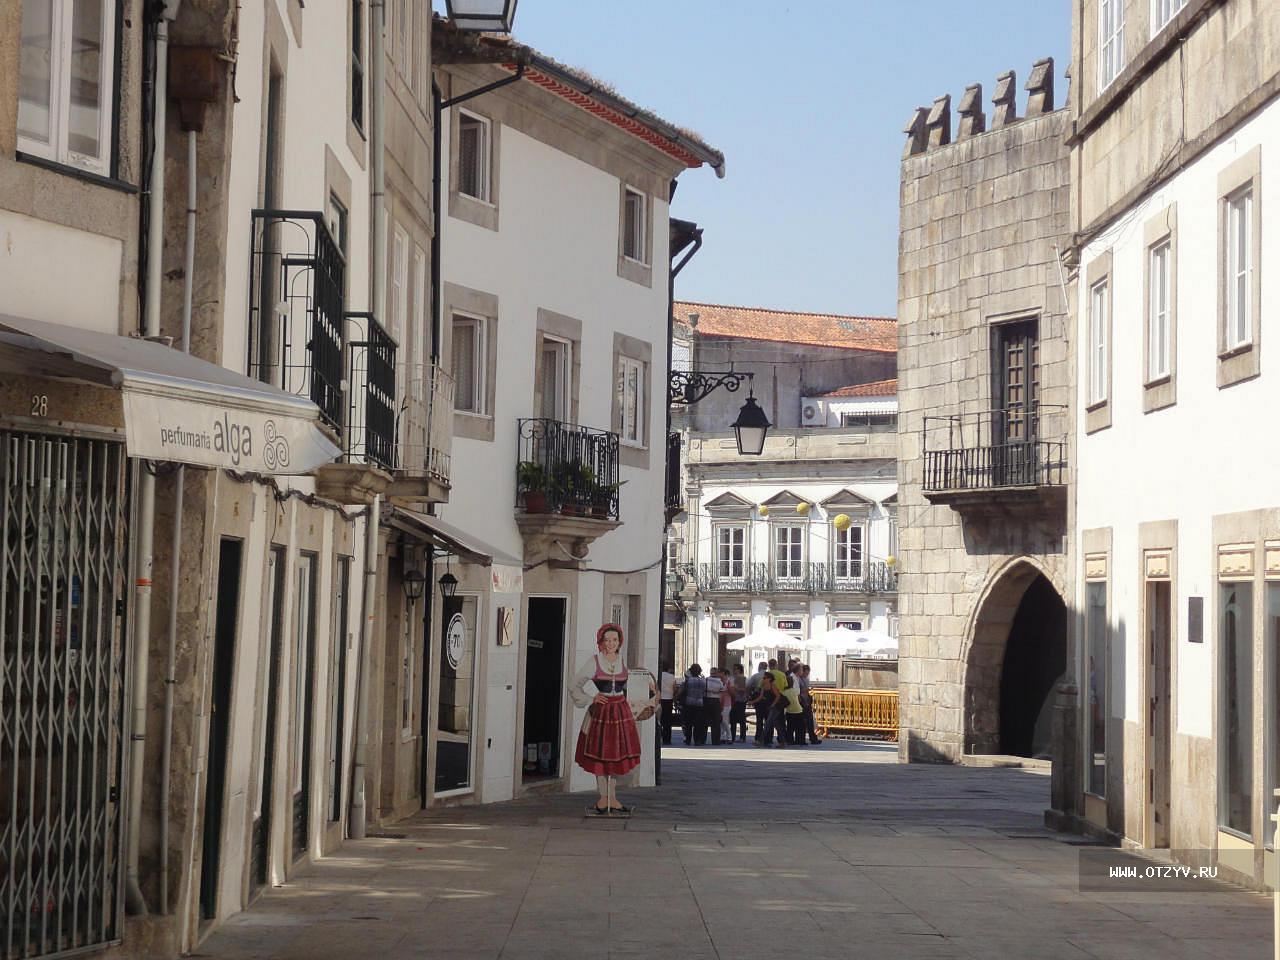 Fotos de viana do castelo portugal 72